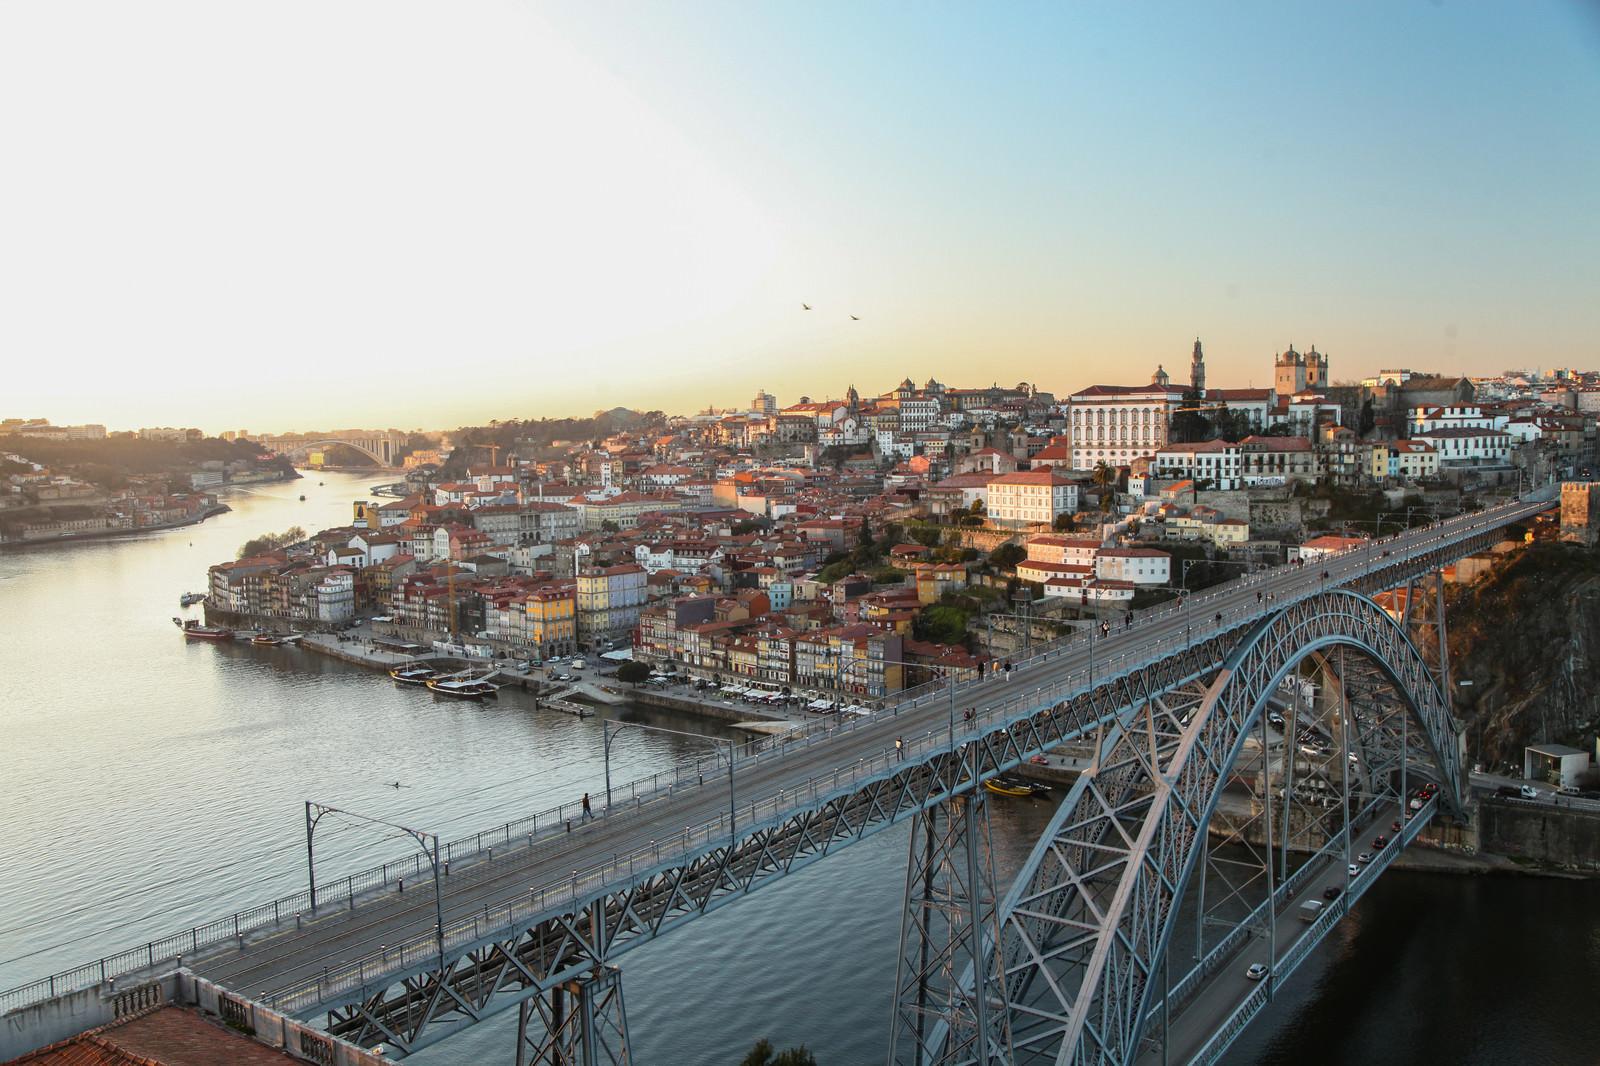 「ポルトガル・ポルトの河川と街並み」の写真